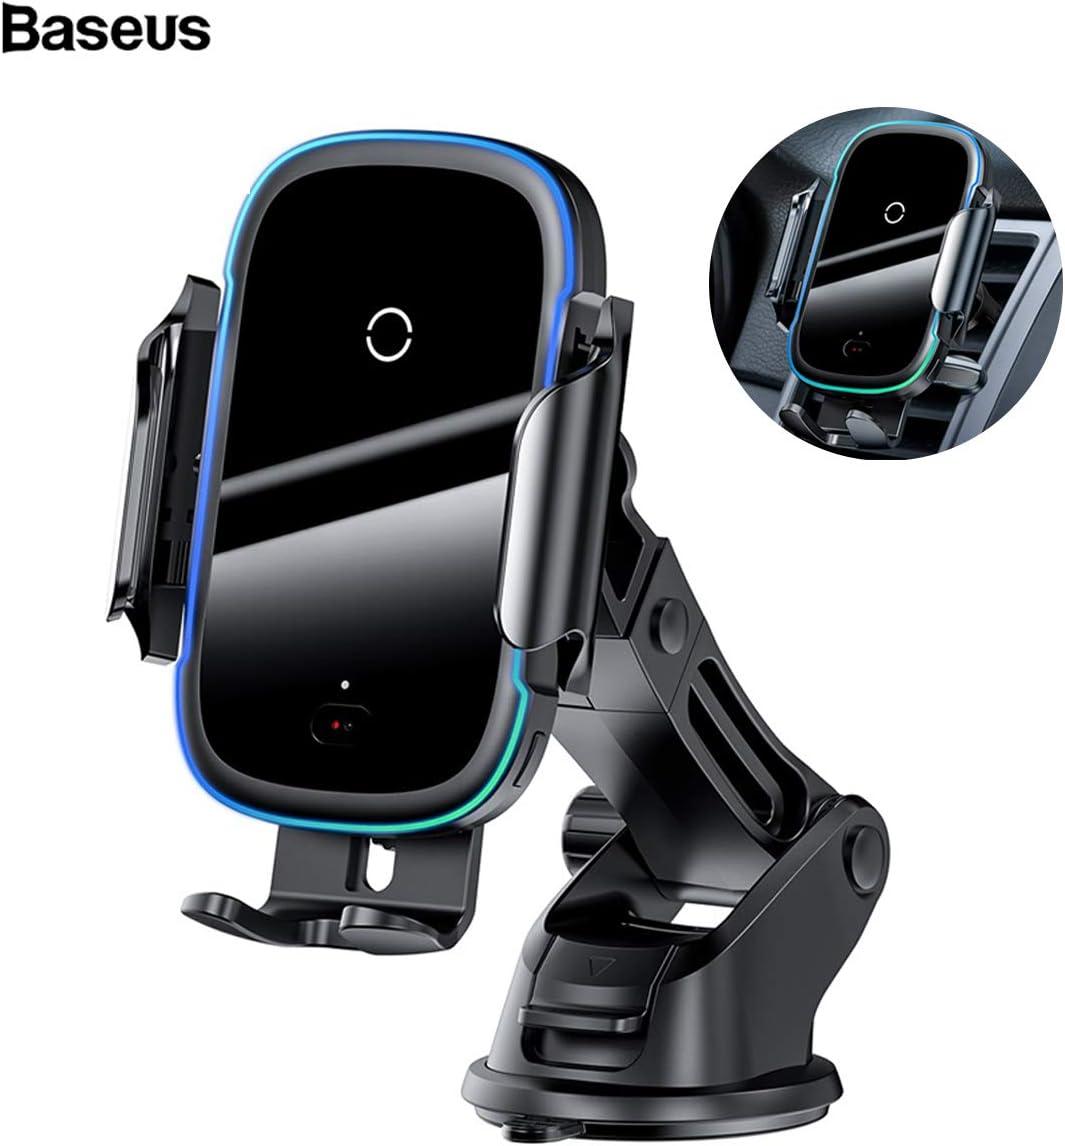 Baseus Cargador Inalámbrico Coche 2 en 1 para salpicadero de ventilación Qi de 15 W, soporte de teléfono compatible con iPhone 11 Pro, XS, Xs Max, XR, Samsung Galaxy S10 S9 Plus, Huawei P30 Pro